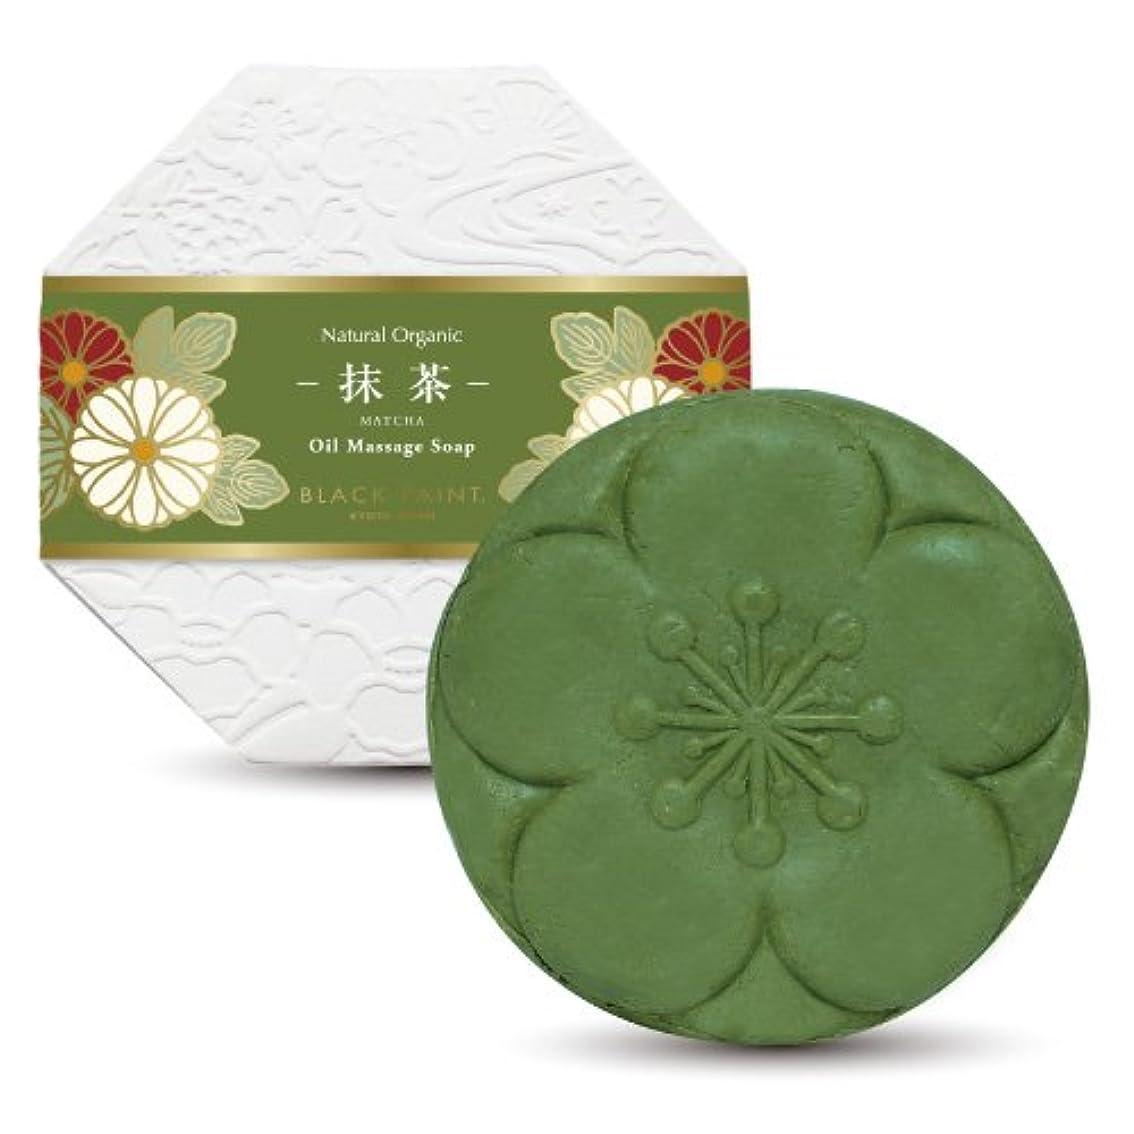 悲惨クラシックブート京のお茶石鹸 抹茶 120g 塗る石鹸